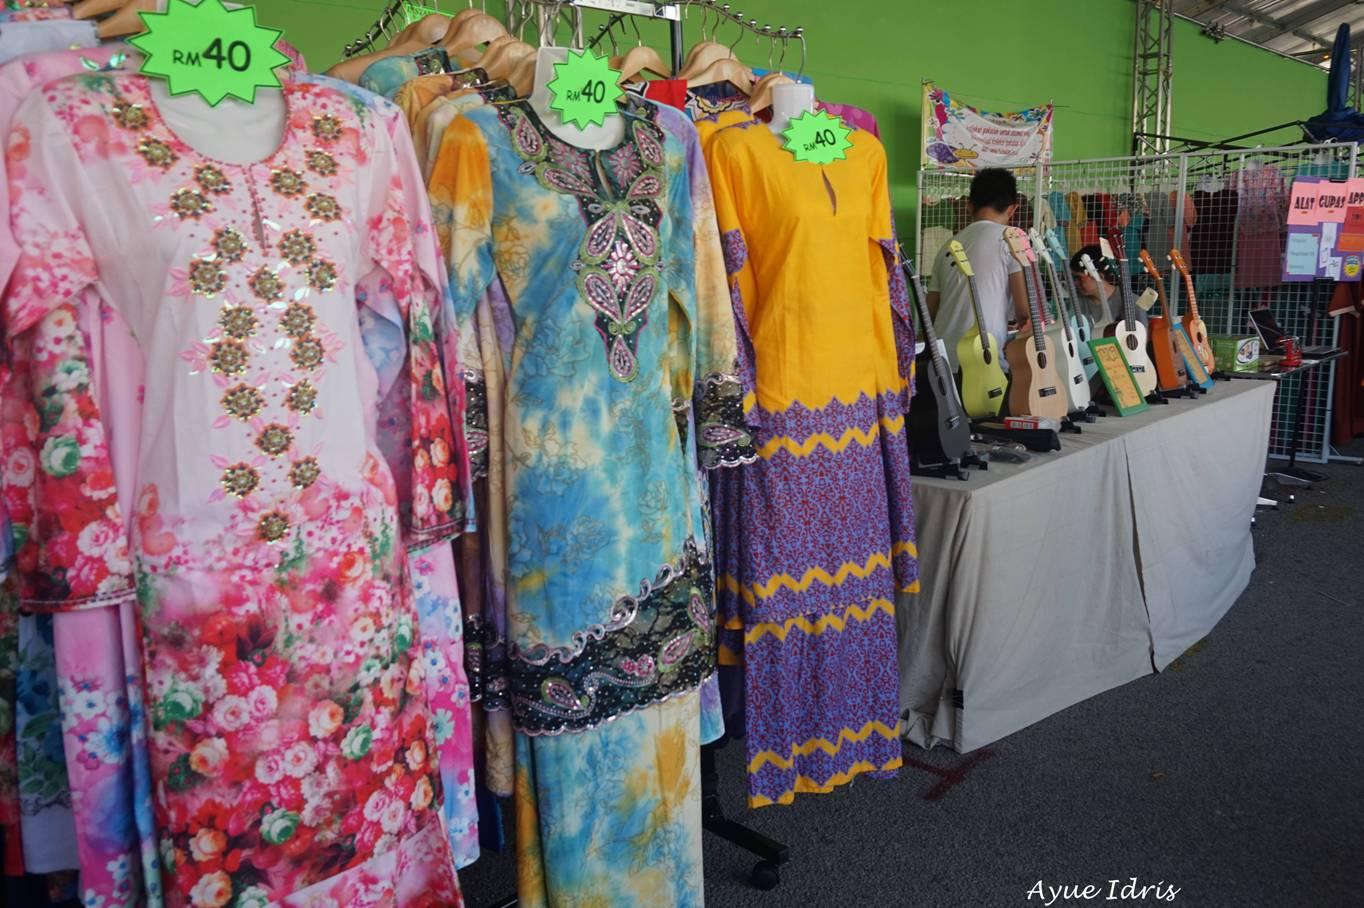 Festival Ramadhan Klang 2015 Gm Klang Ayue Idris